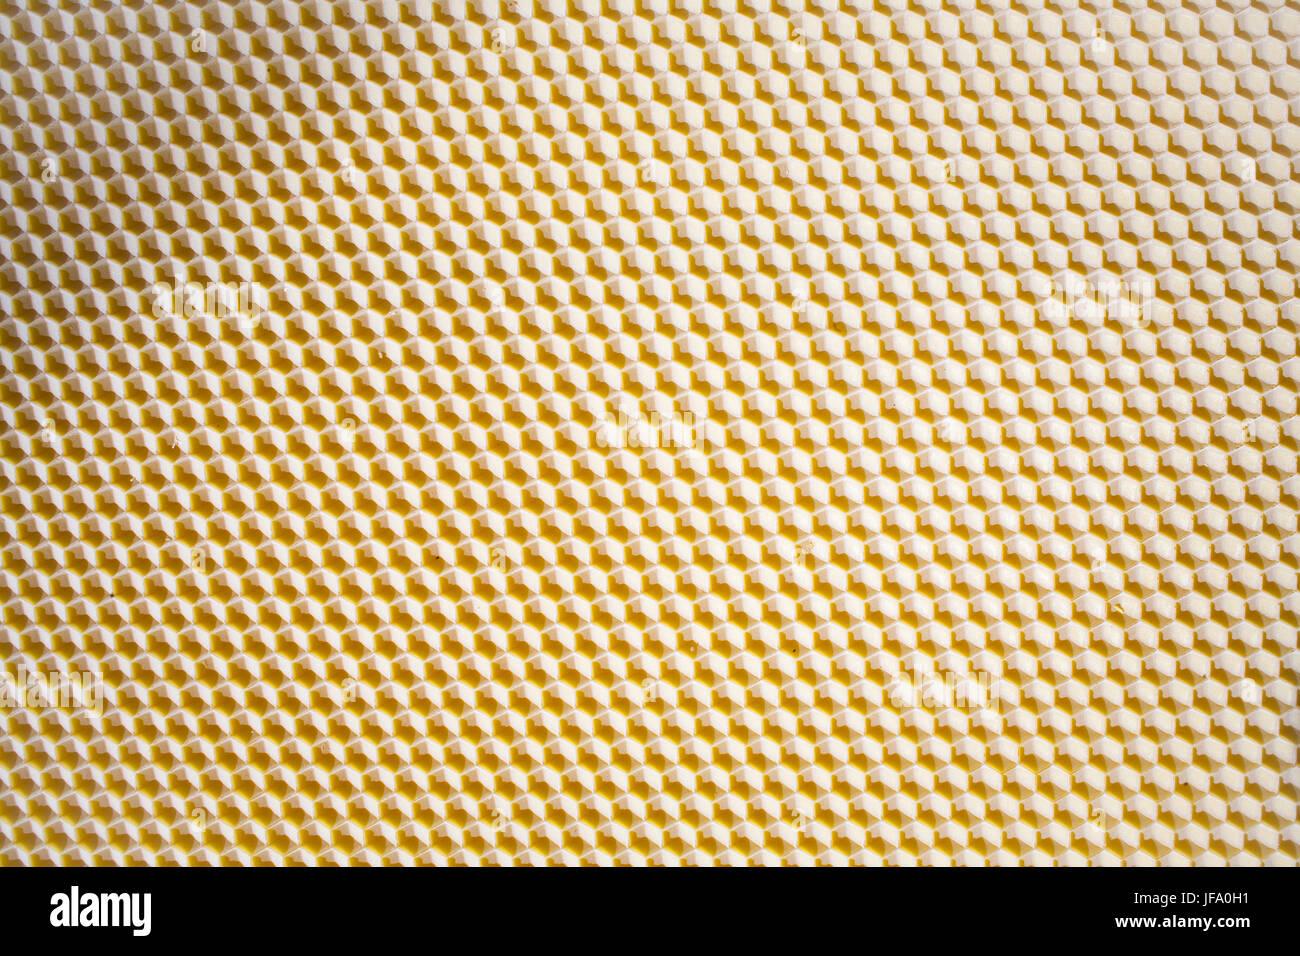 Imkerei künstliche industrielle Wachs Wachs für Bienen Waben Rahmen ...